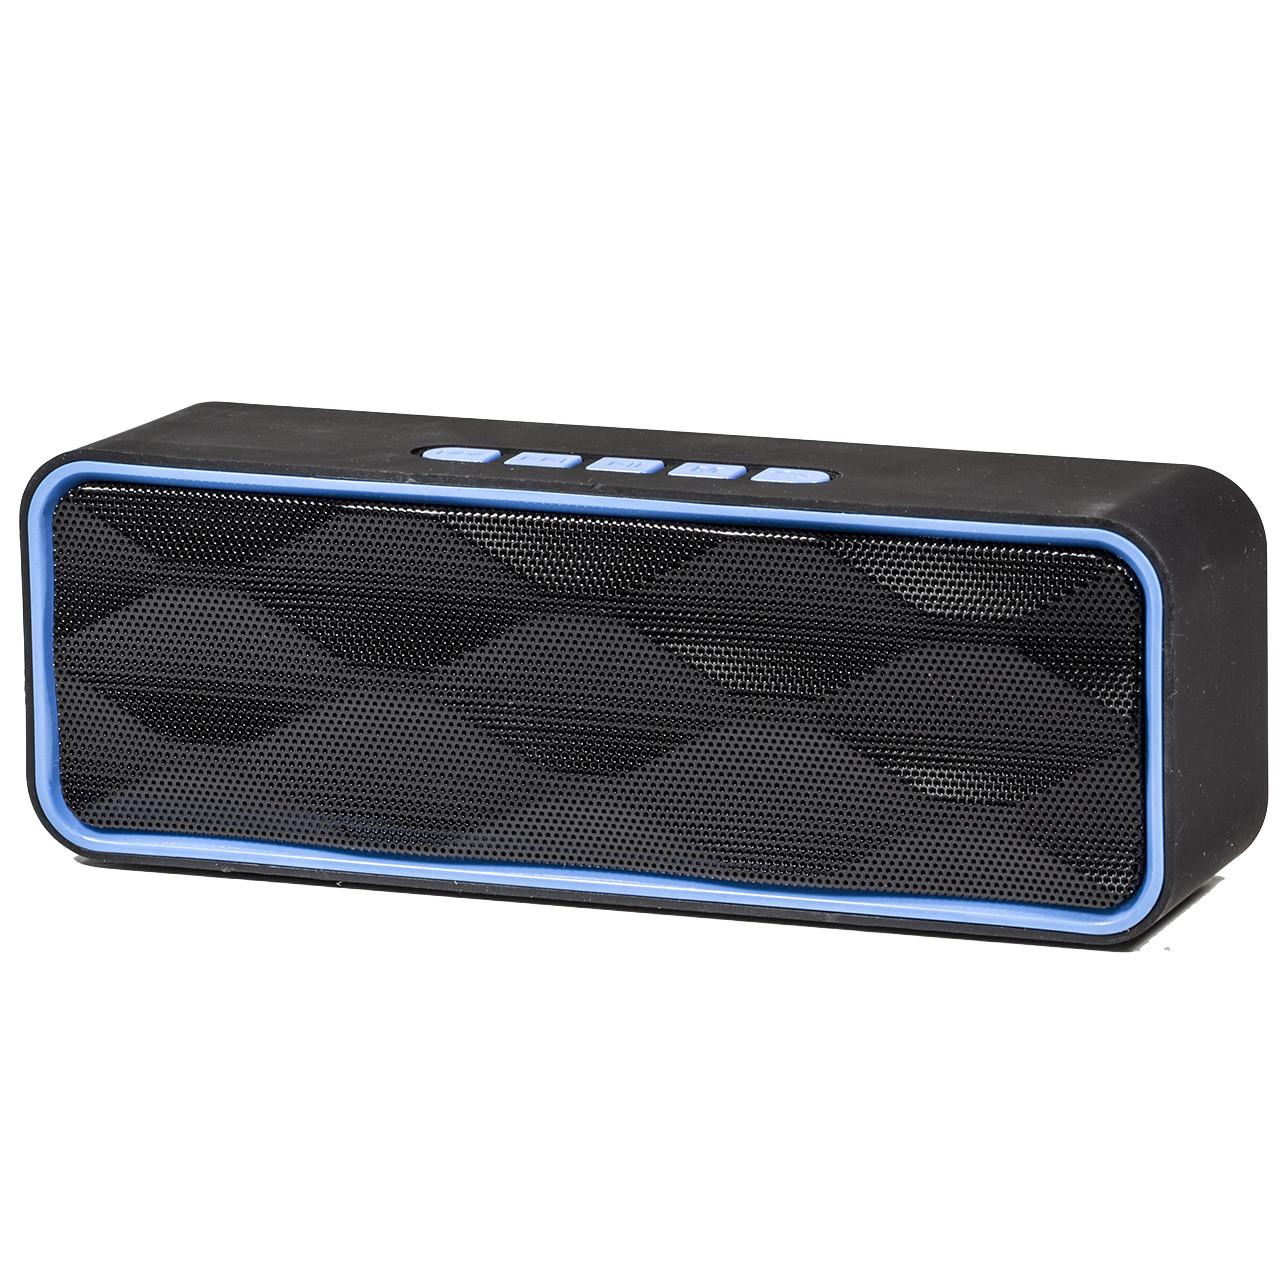 Беспроводная стерео колонка Music BL SC211 синяя с микрофоном портативная bluetooth USB AUX FM-радио microSD - интернет-магазин Mobiloz (Мобилоз) в Киеве